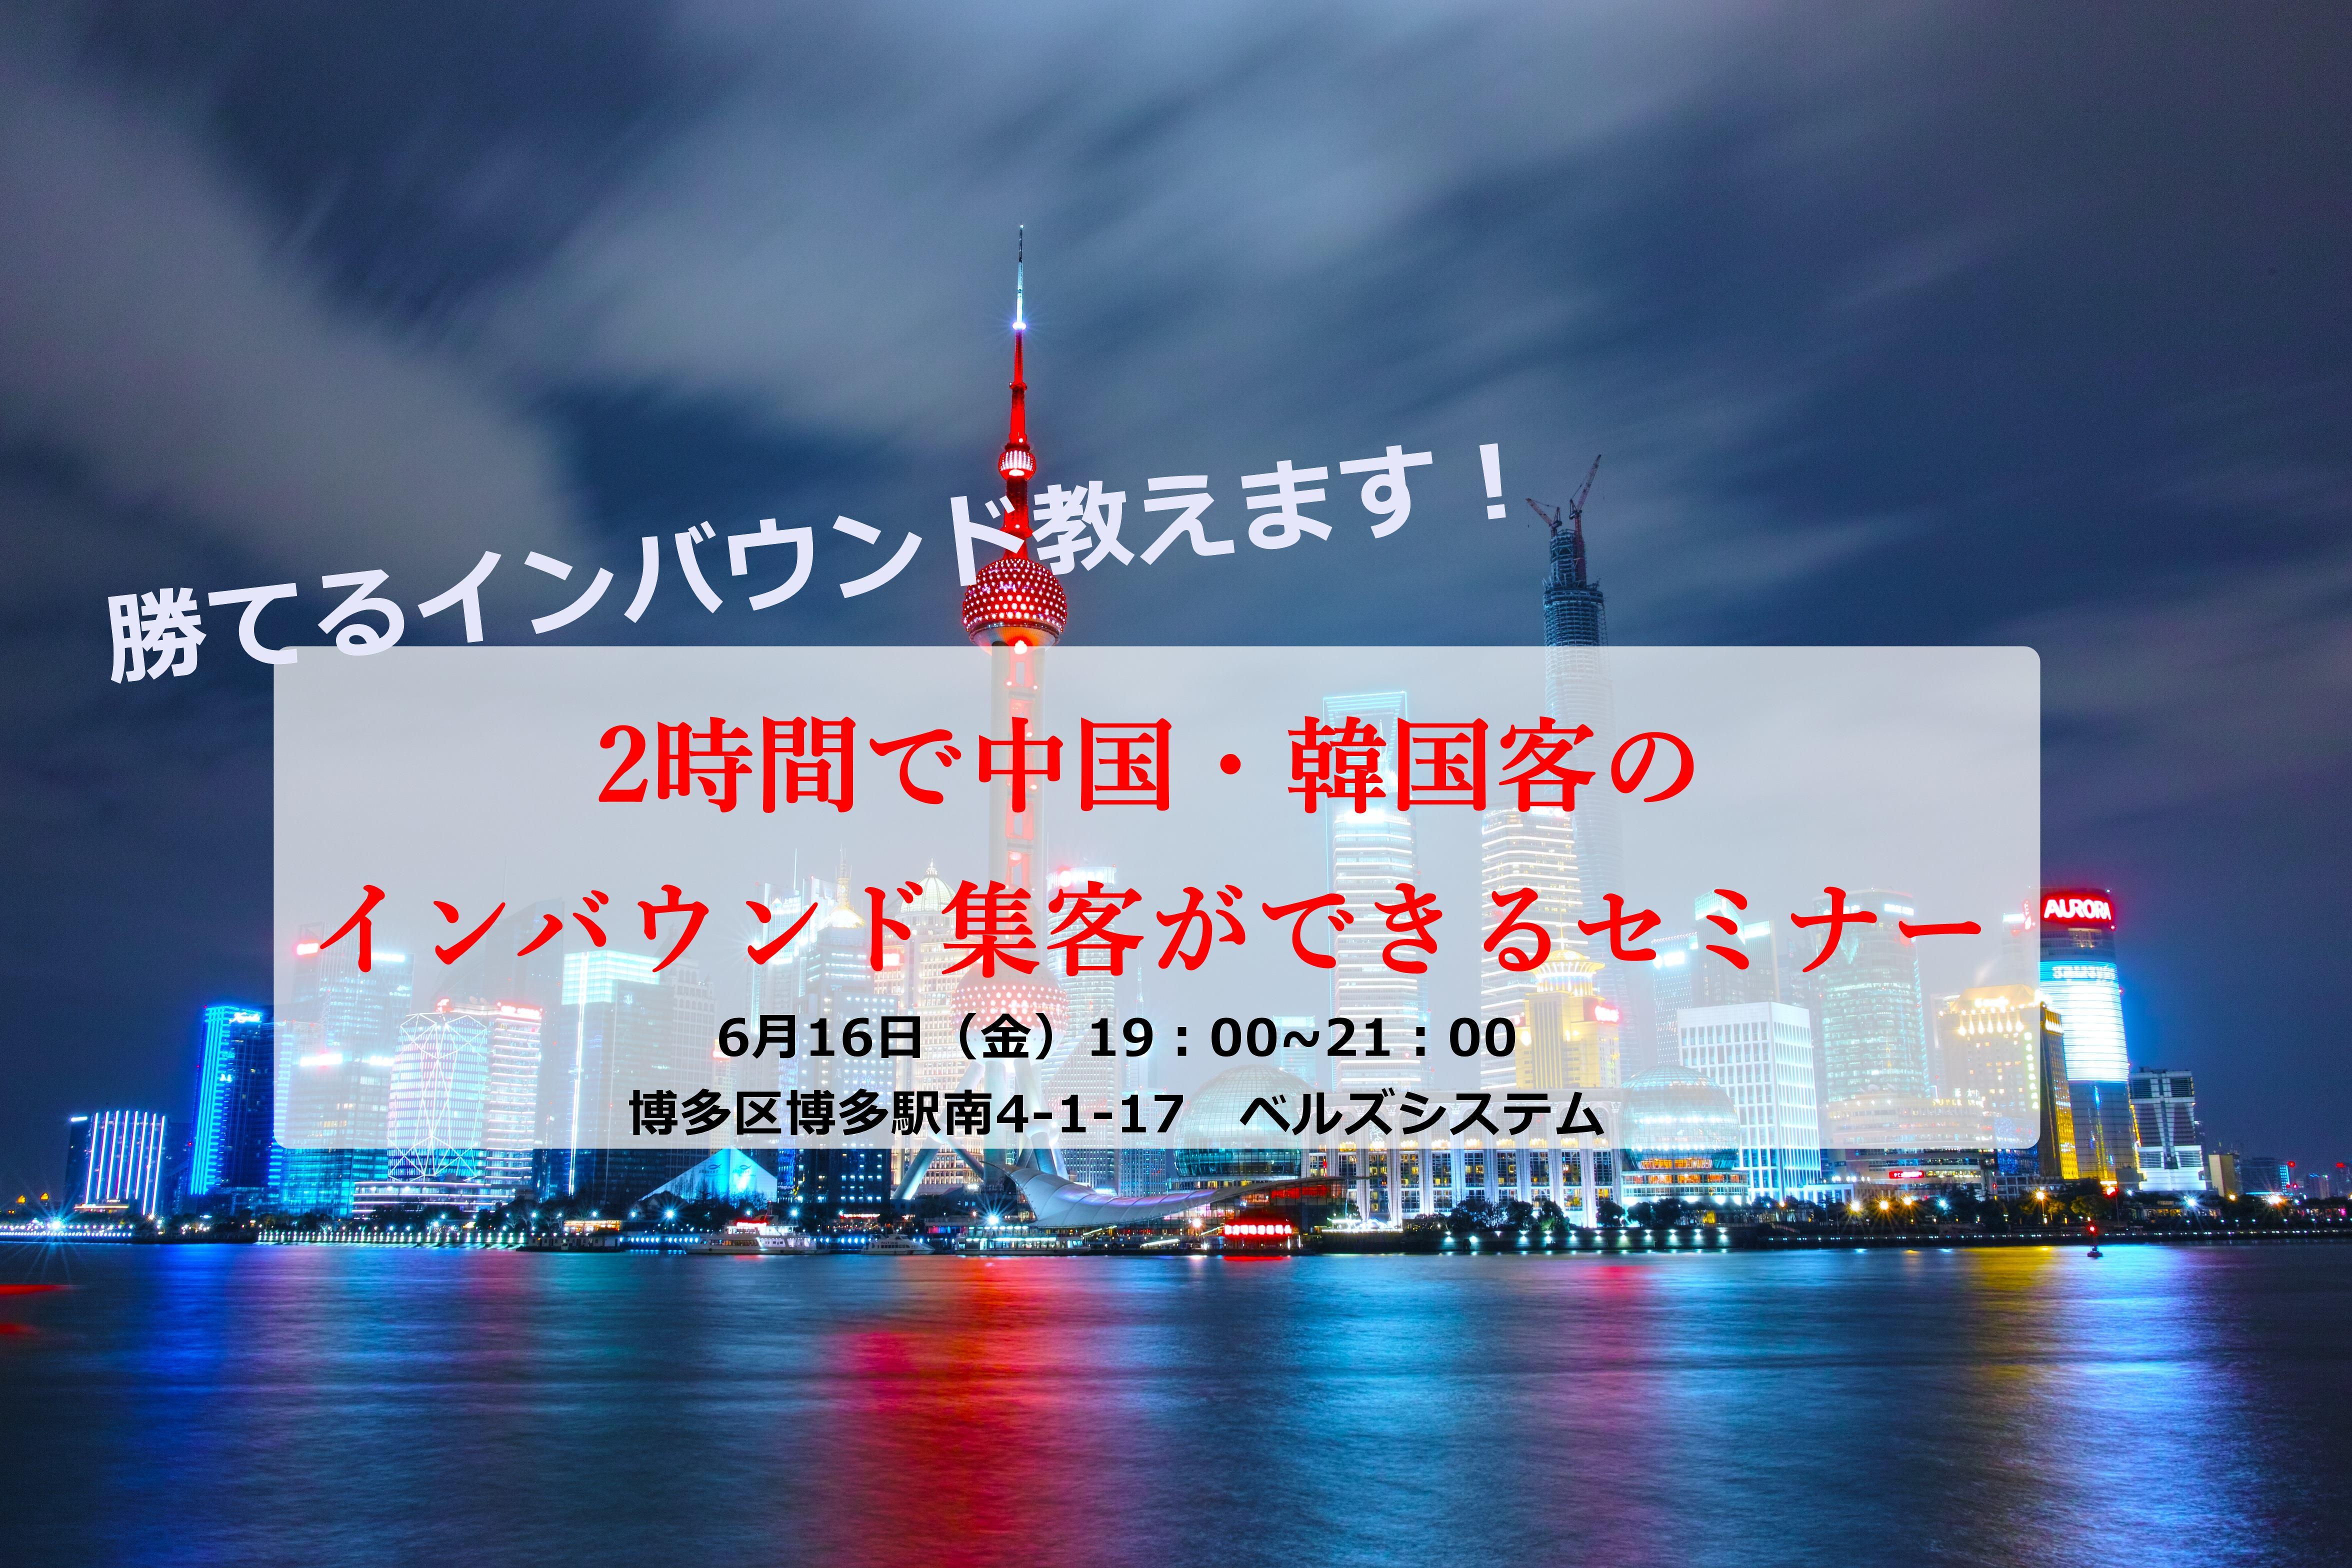 6月16日 福岡市博多駅近くで中国・韓国インバウンドセミナーやります